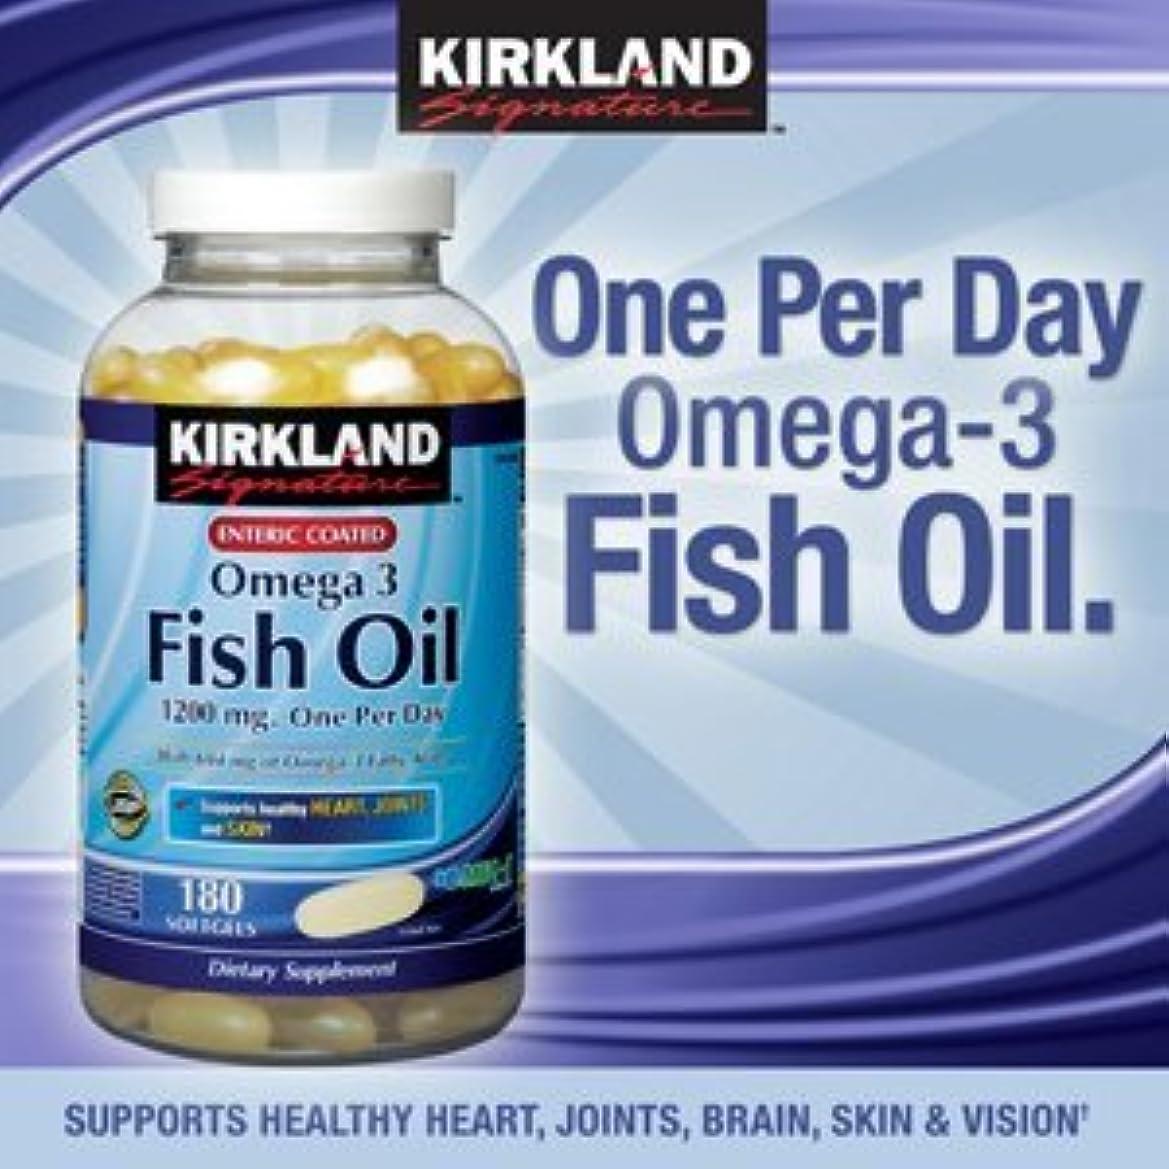 ほかにラウズ堤防カークランド フィッシュオイル オメガ3 コンセントレイト 1200 mg 180ソフトカプセル 海外直送品